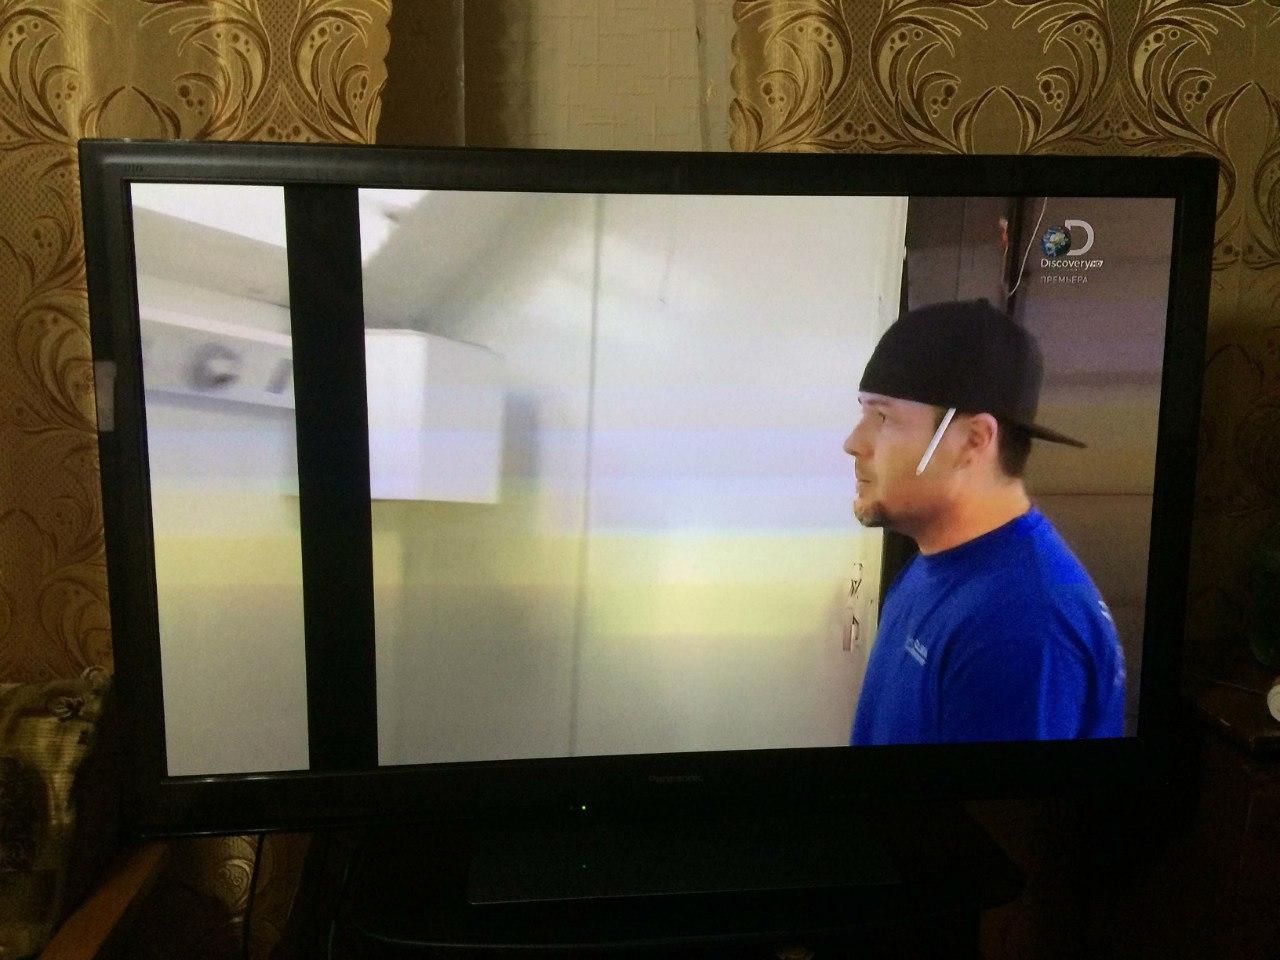 картинка на экране телевизора рассыпается остались